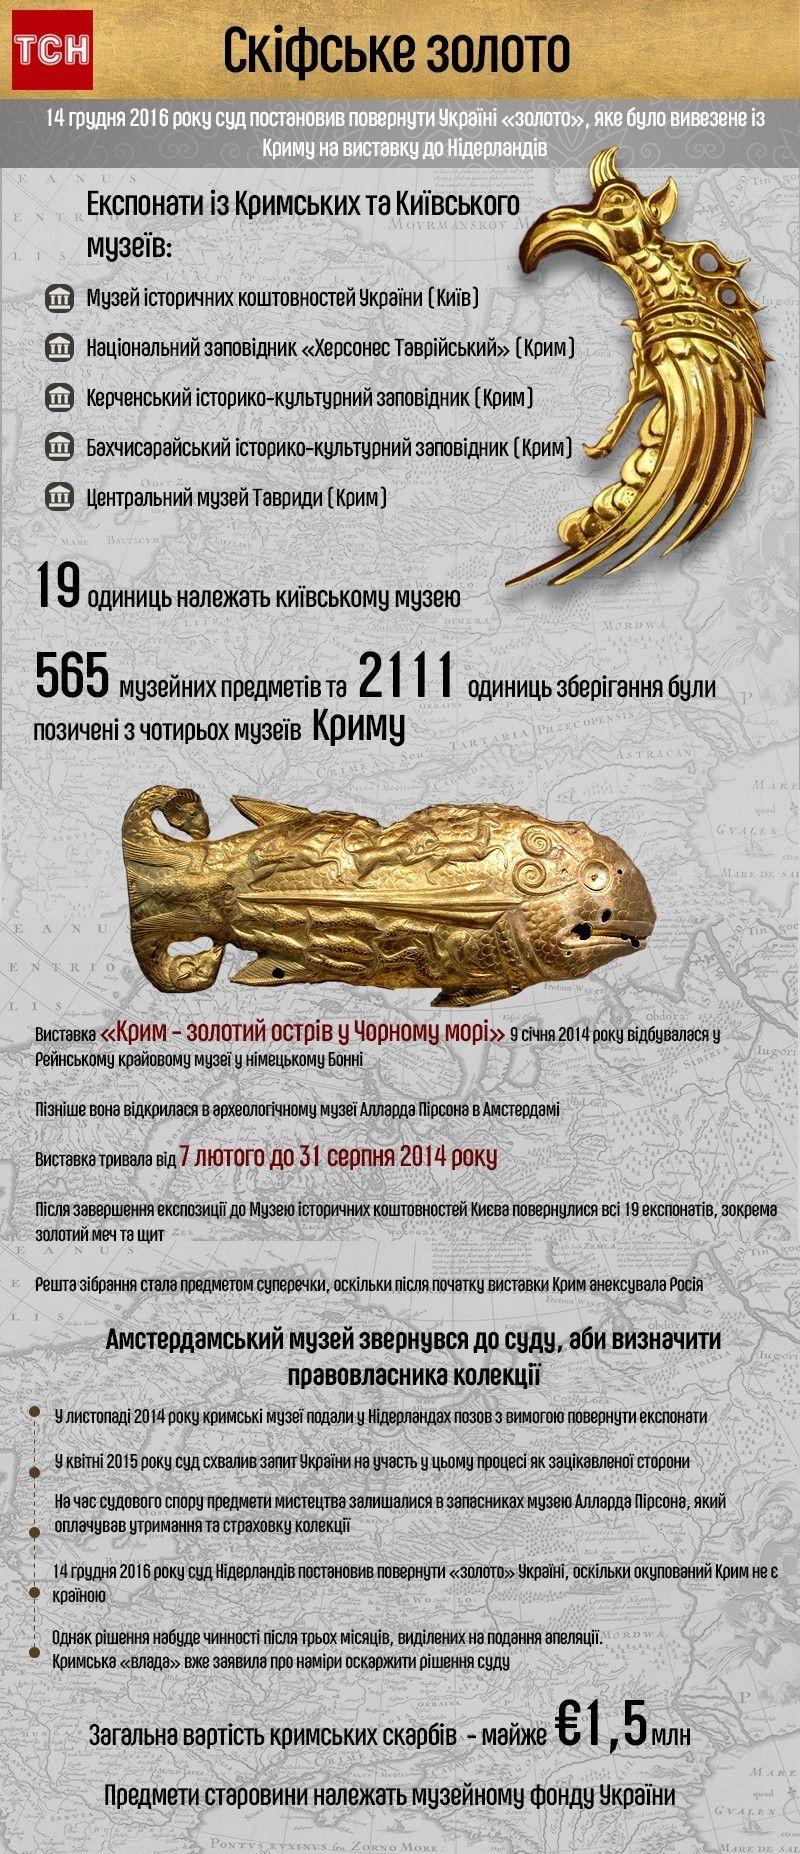 скіфське золото, інфографіка